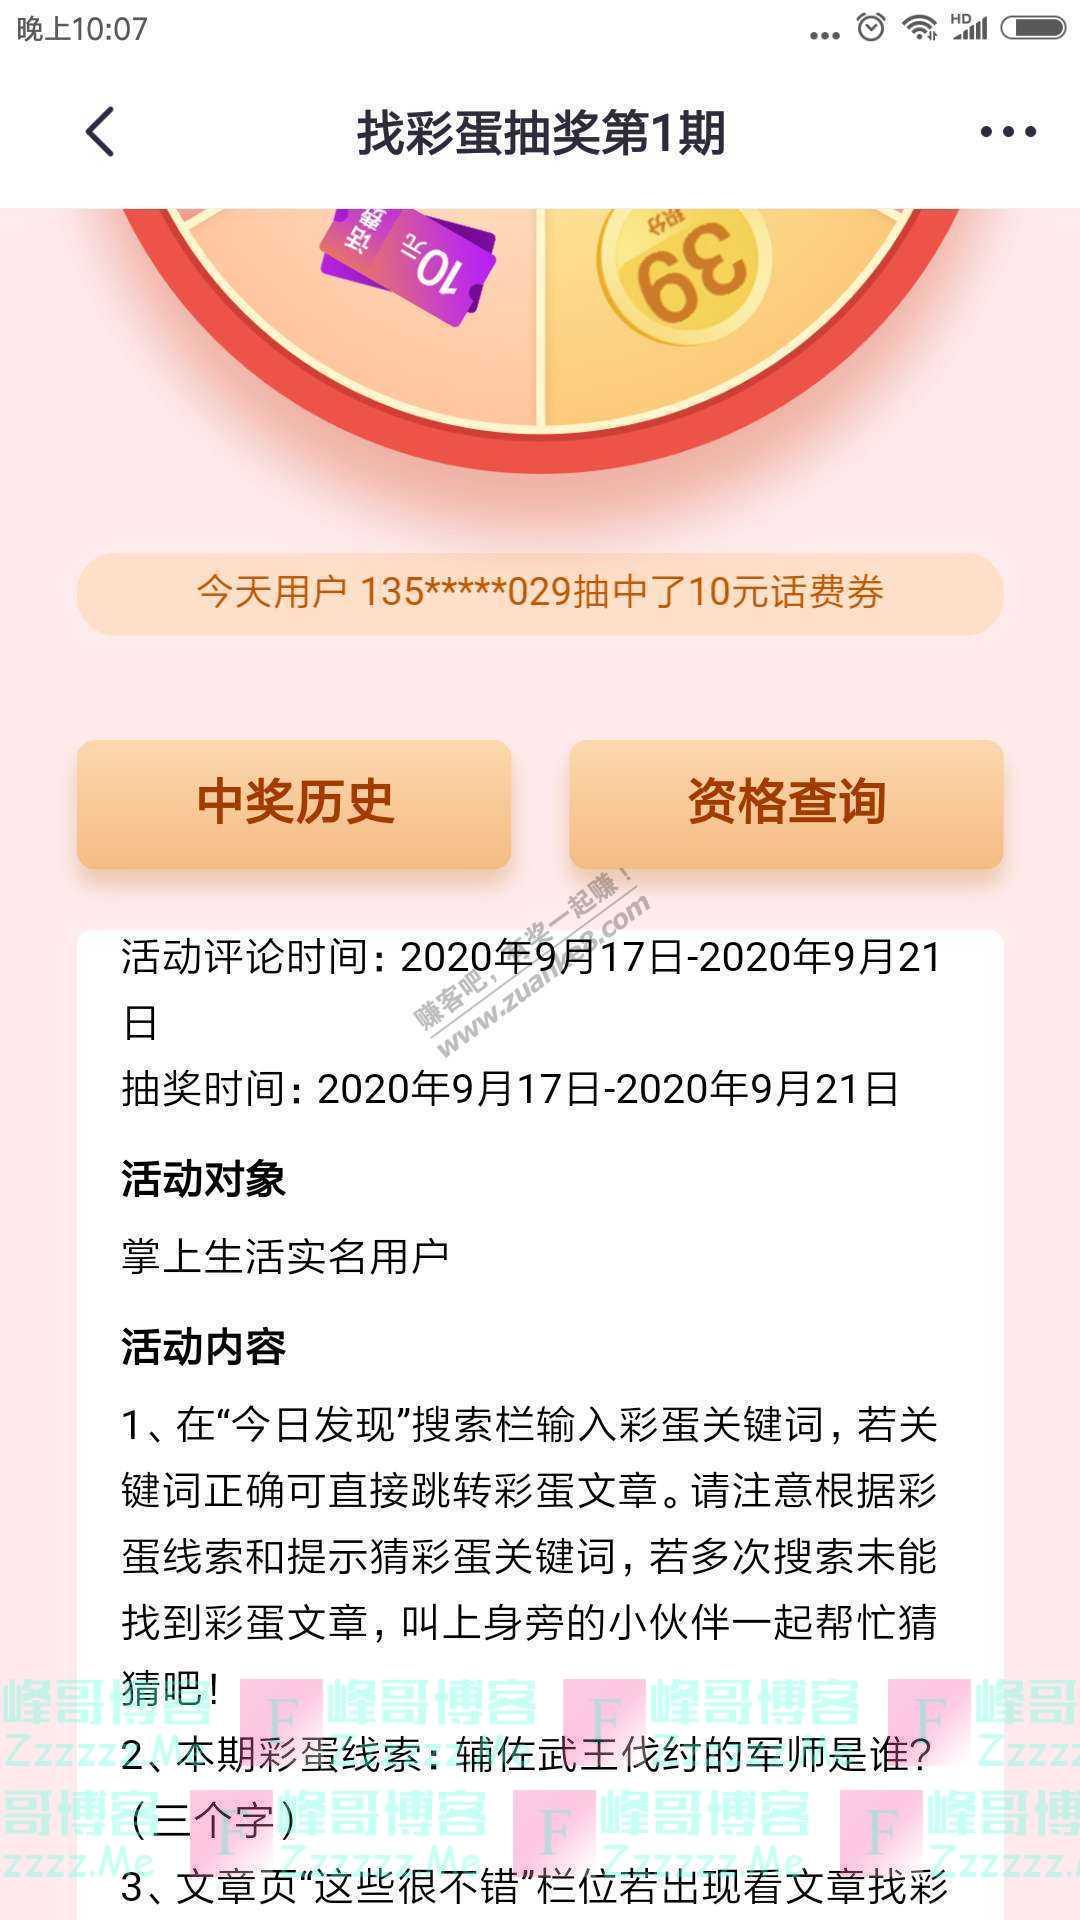 掌上生活app找彩蛋抽奖第1期(截止9月21日)